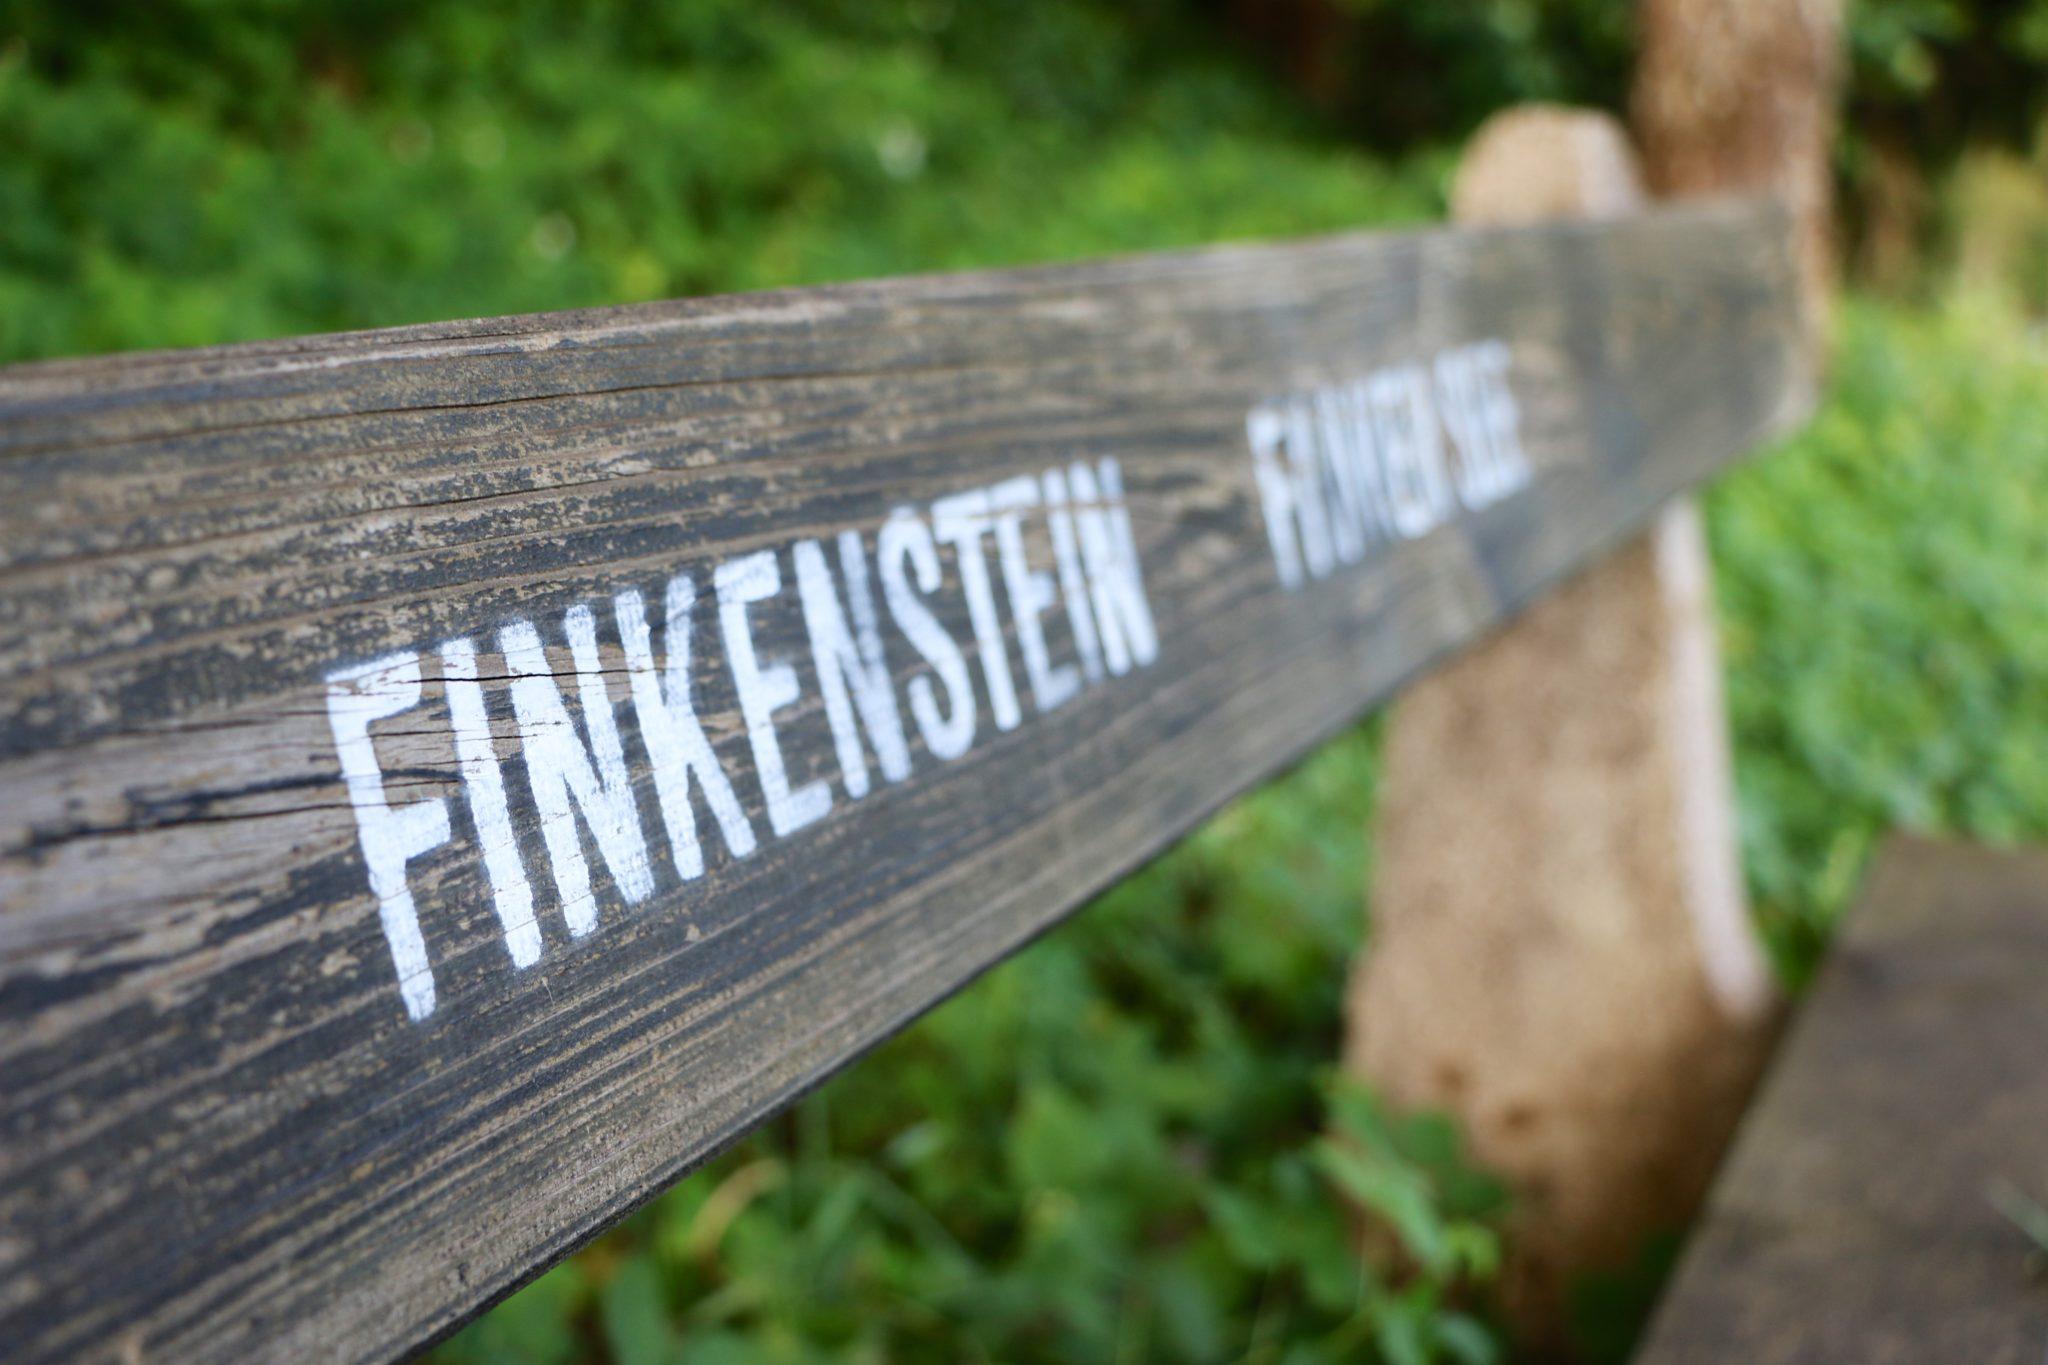 Burgruine Finkenstein